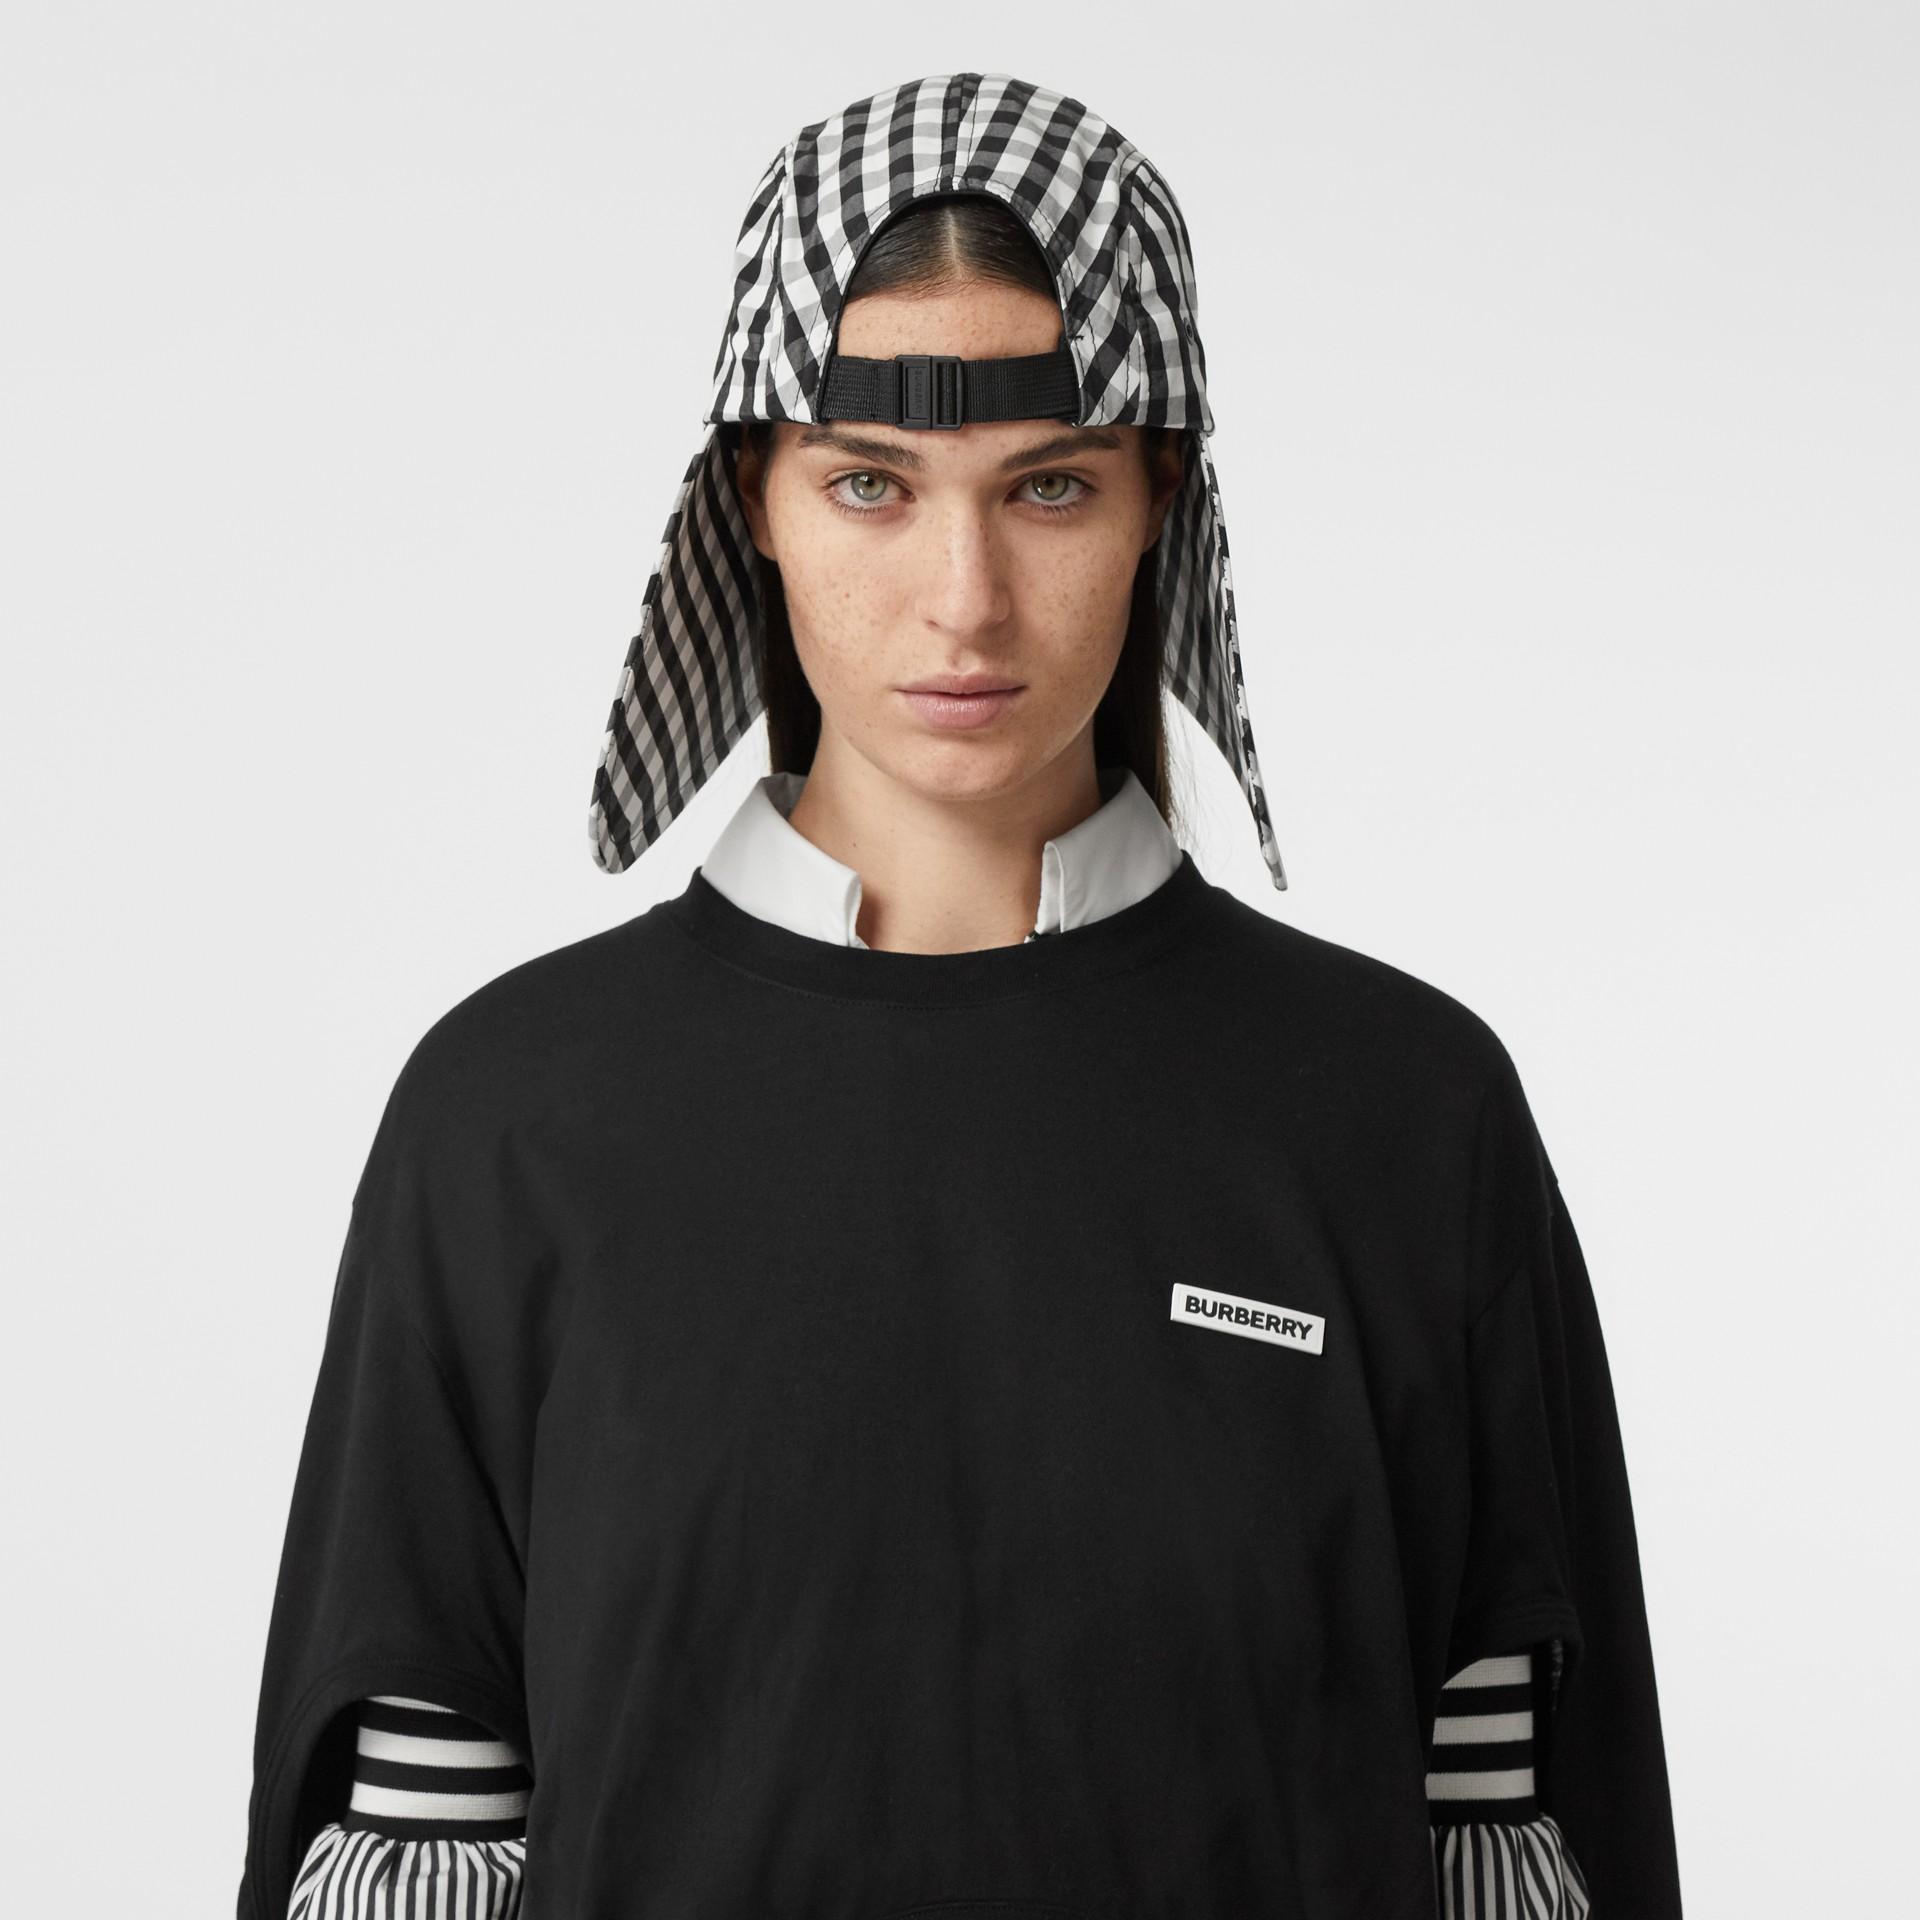 Logo Appliqué Gingham Cotton Bonnet Cap in Black/white | Burberry - gallery image 2